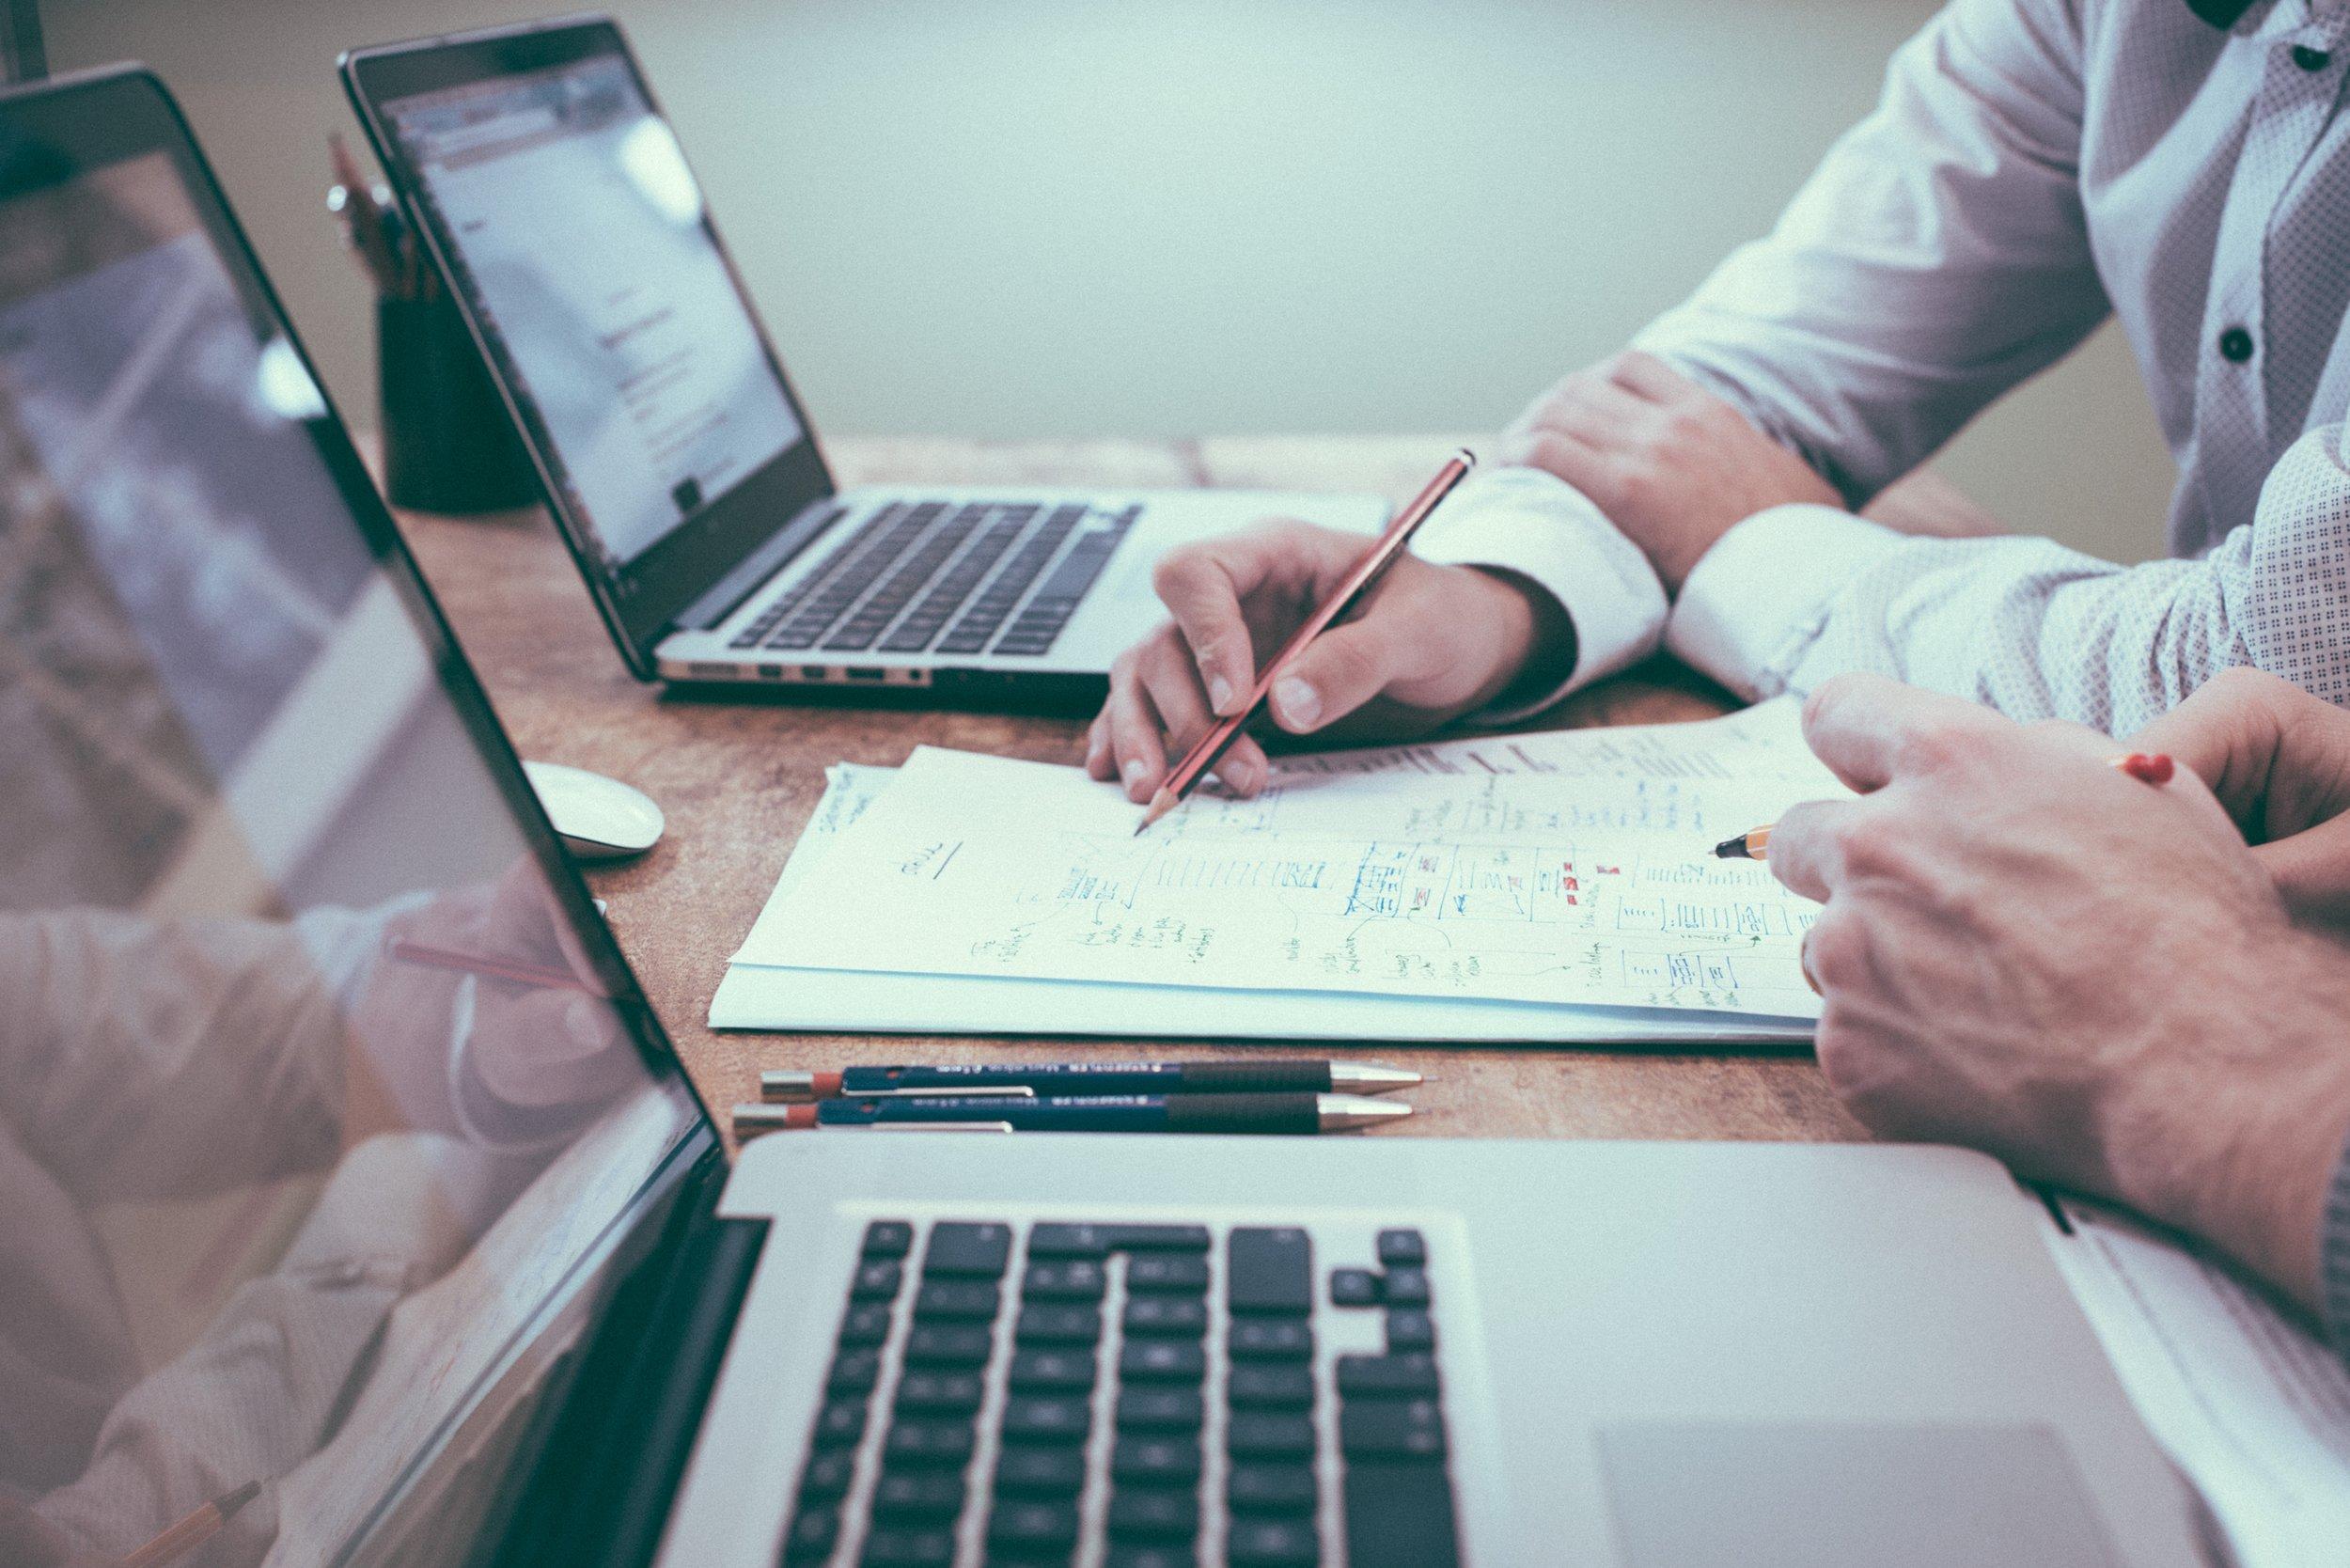 business_coaching_mentoring_training_macdonald.jpg